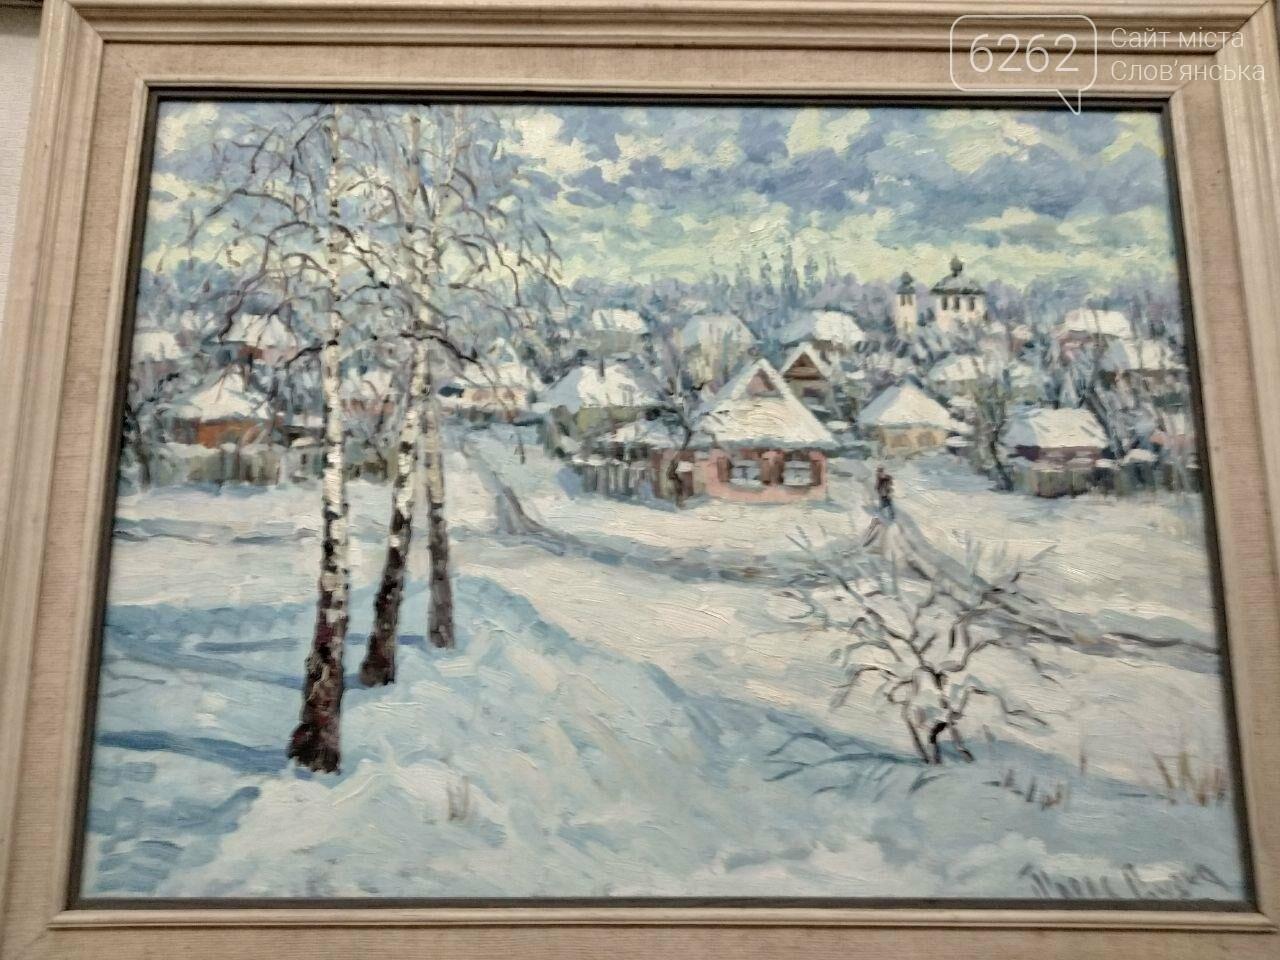 З власної колекції музею: у Слов'янську відкрилася художня виставка, фото-2